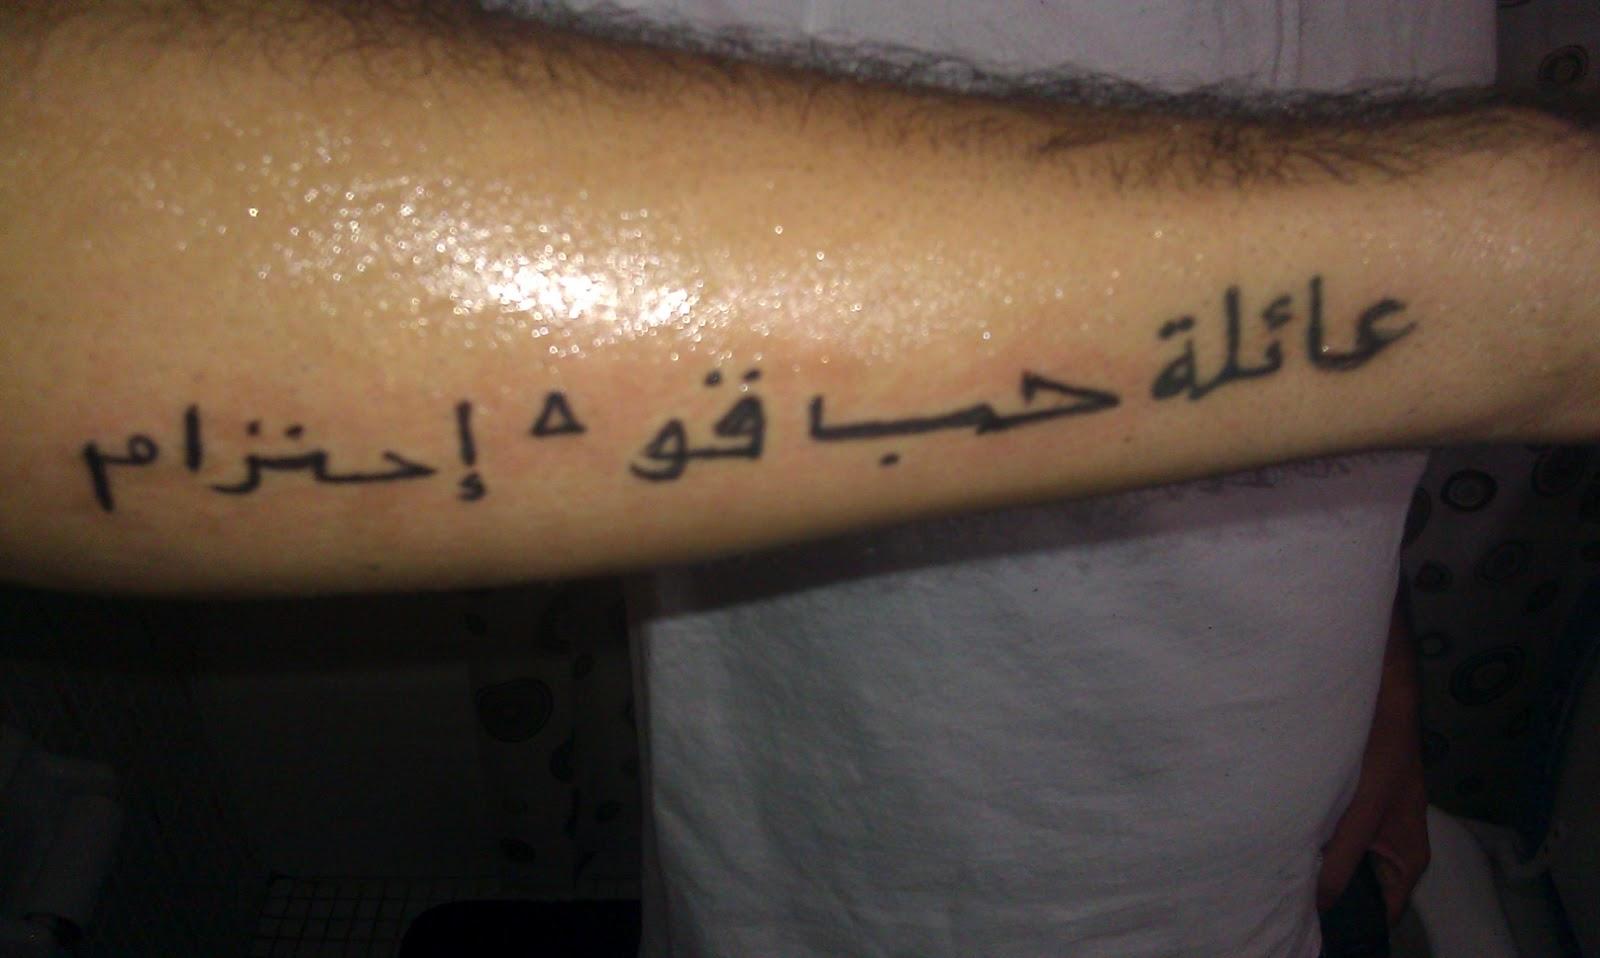 Надписи для тату с переводом на иврите с переводом